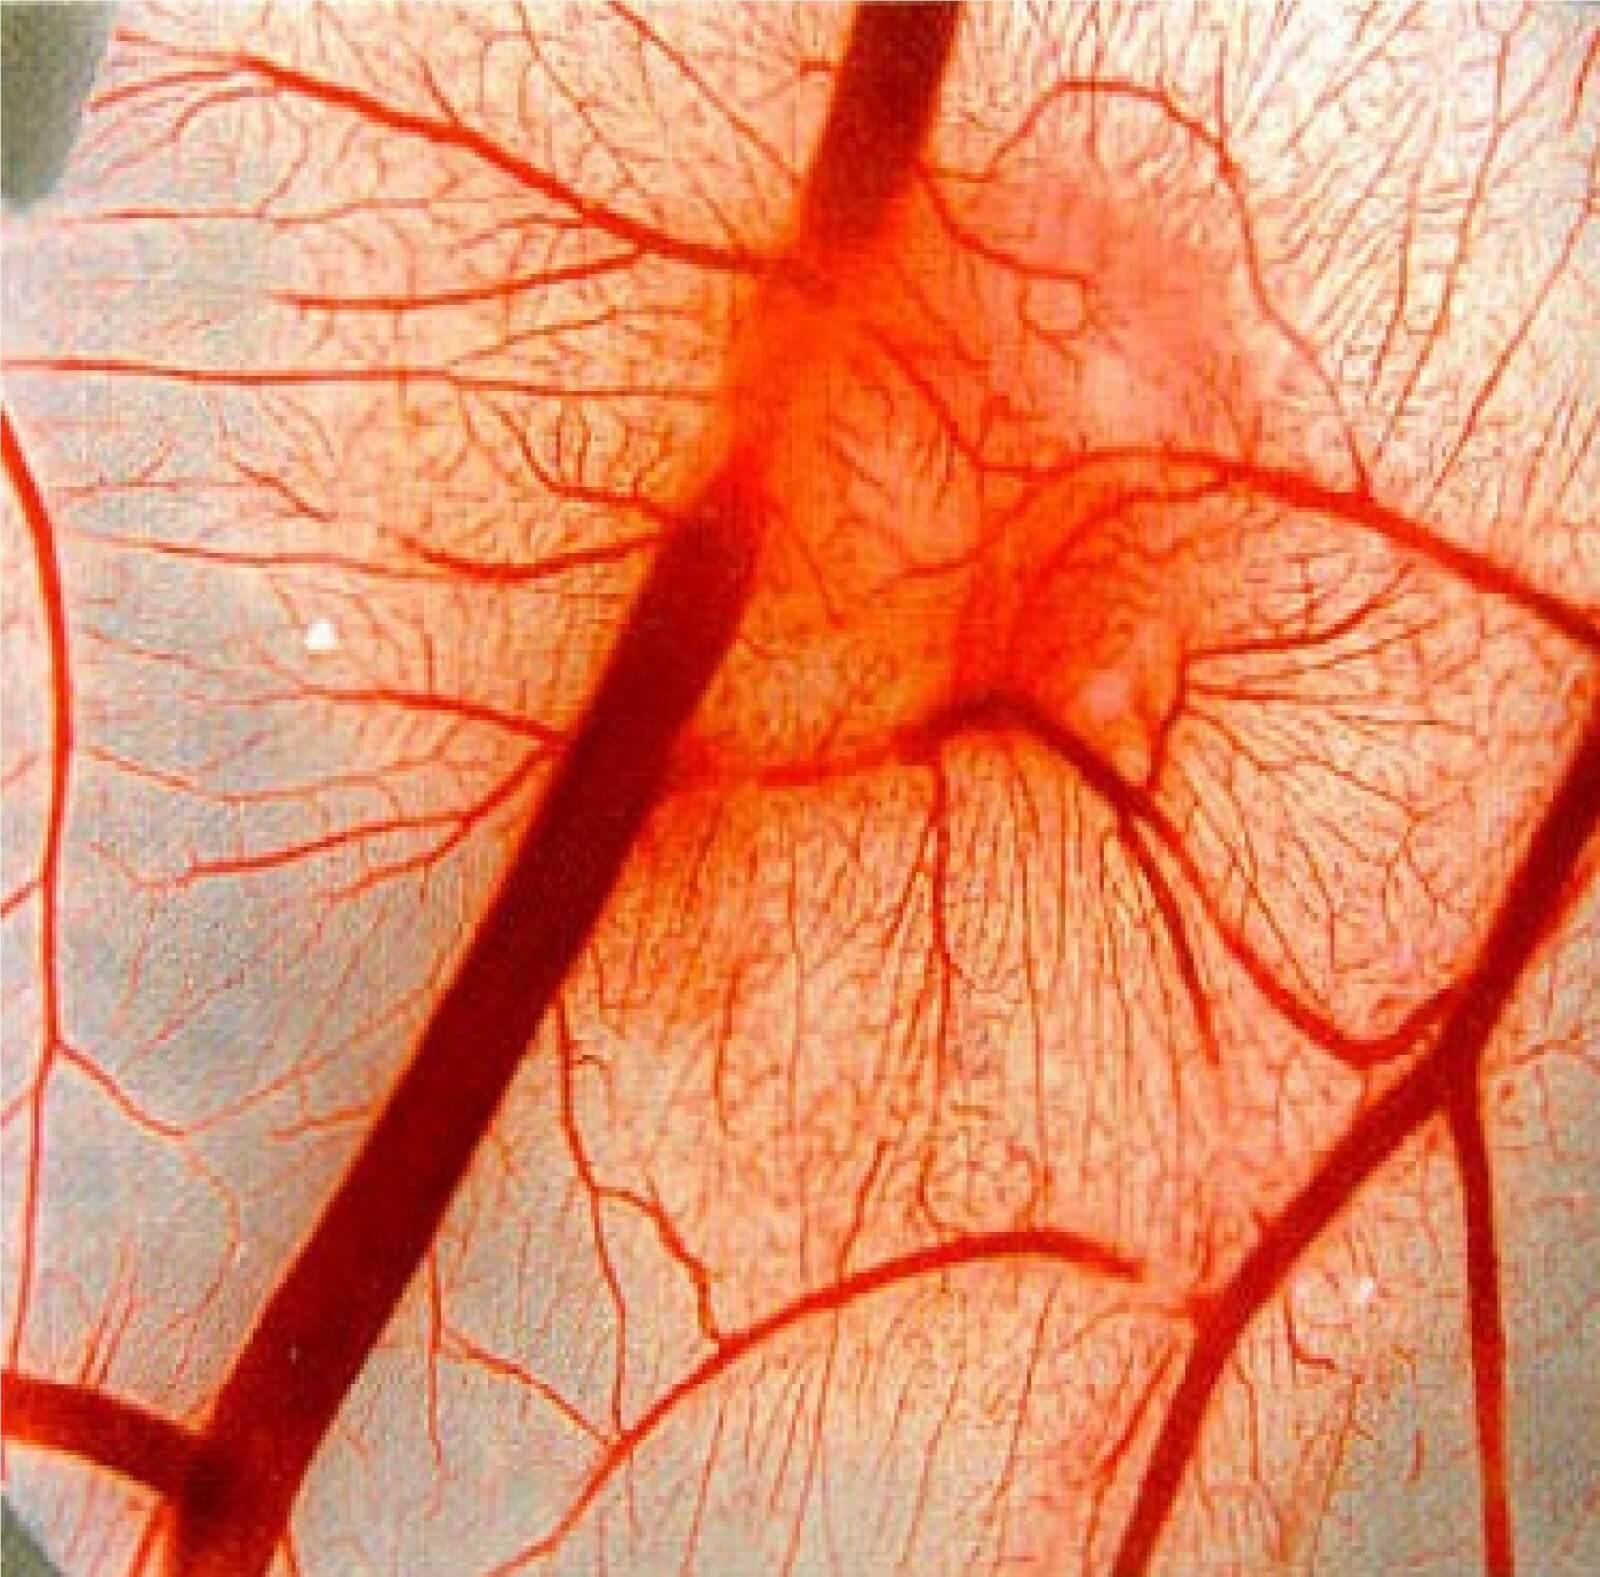 Ангиопатия сосудов: причины появления, диагностика и лечение